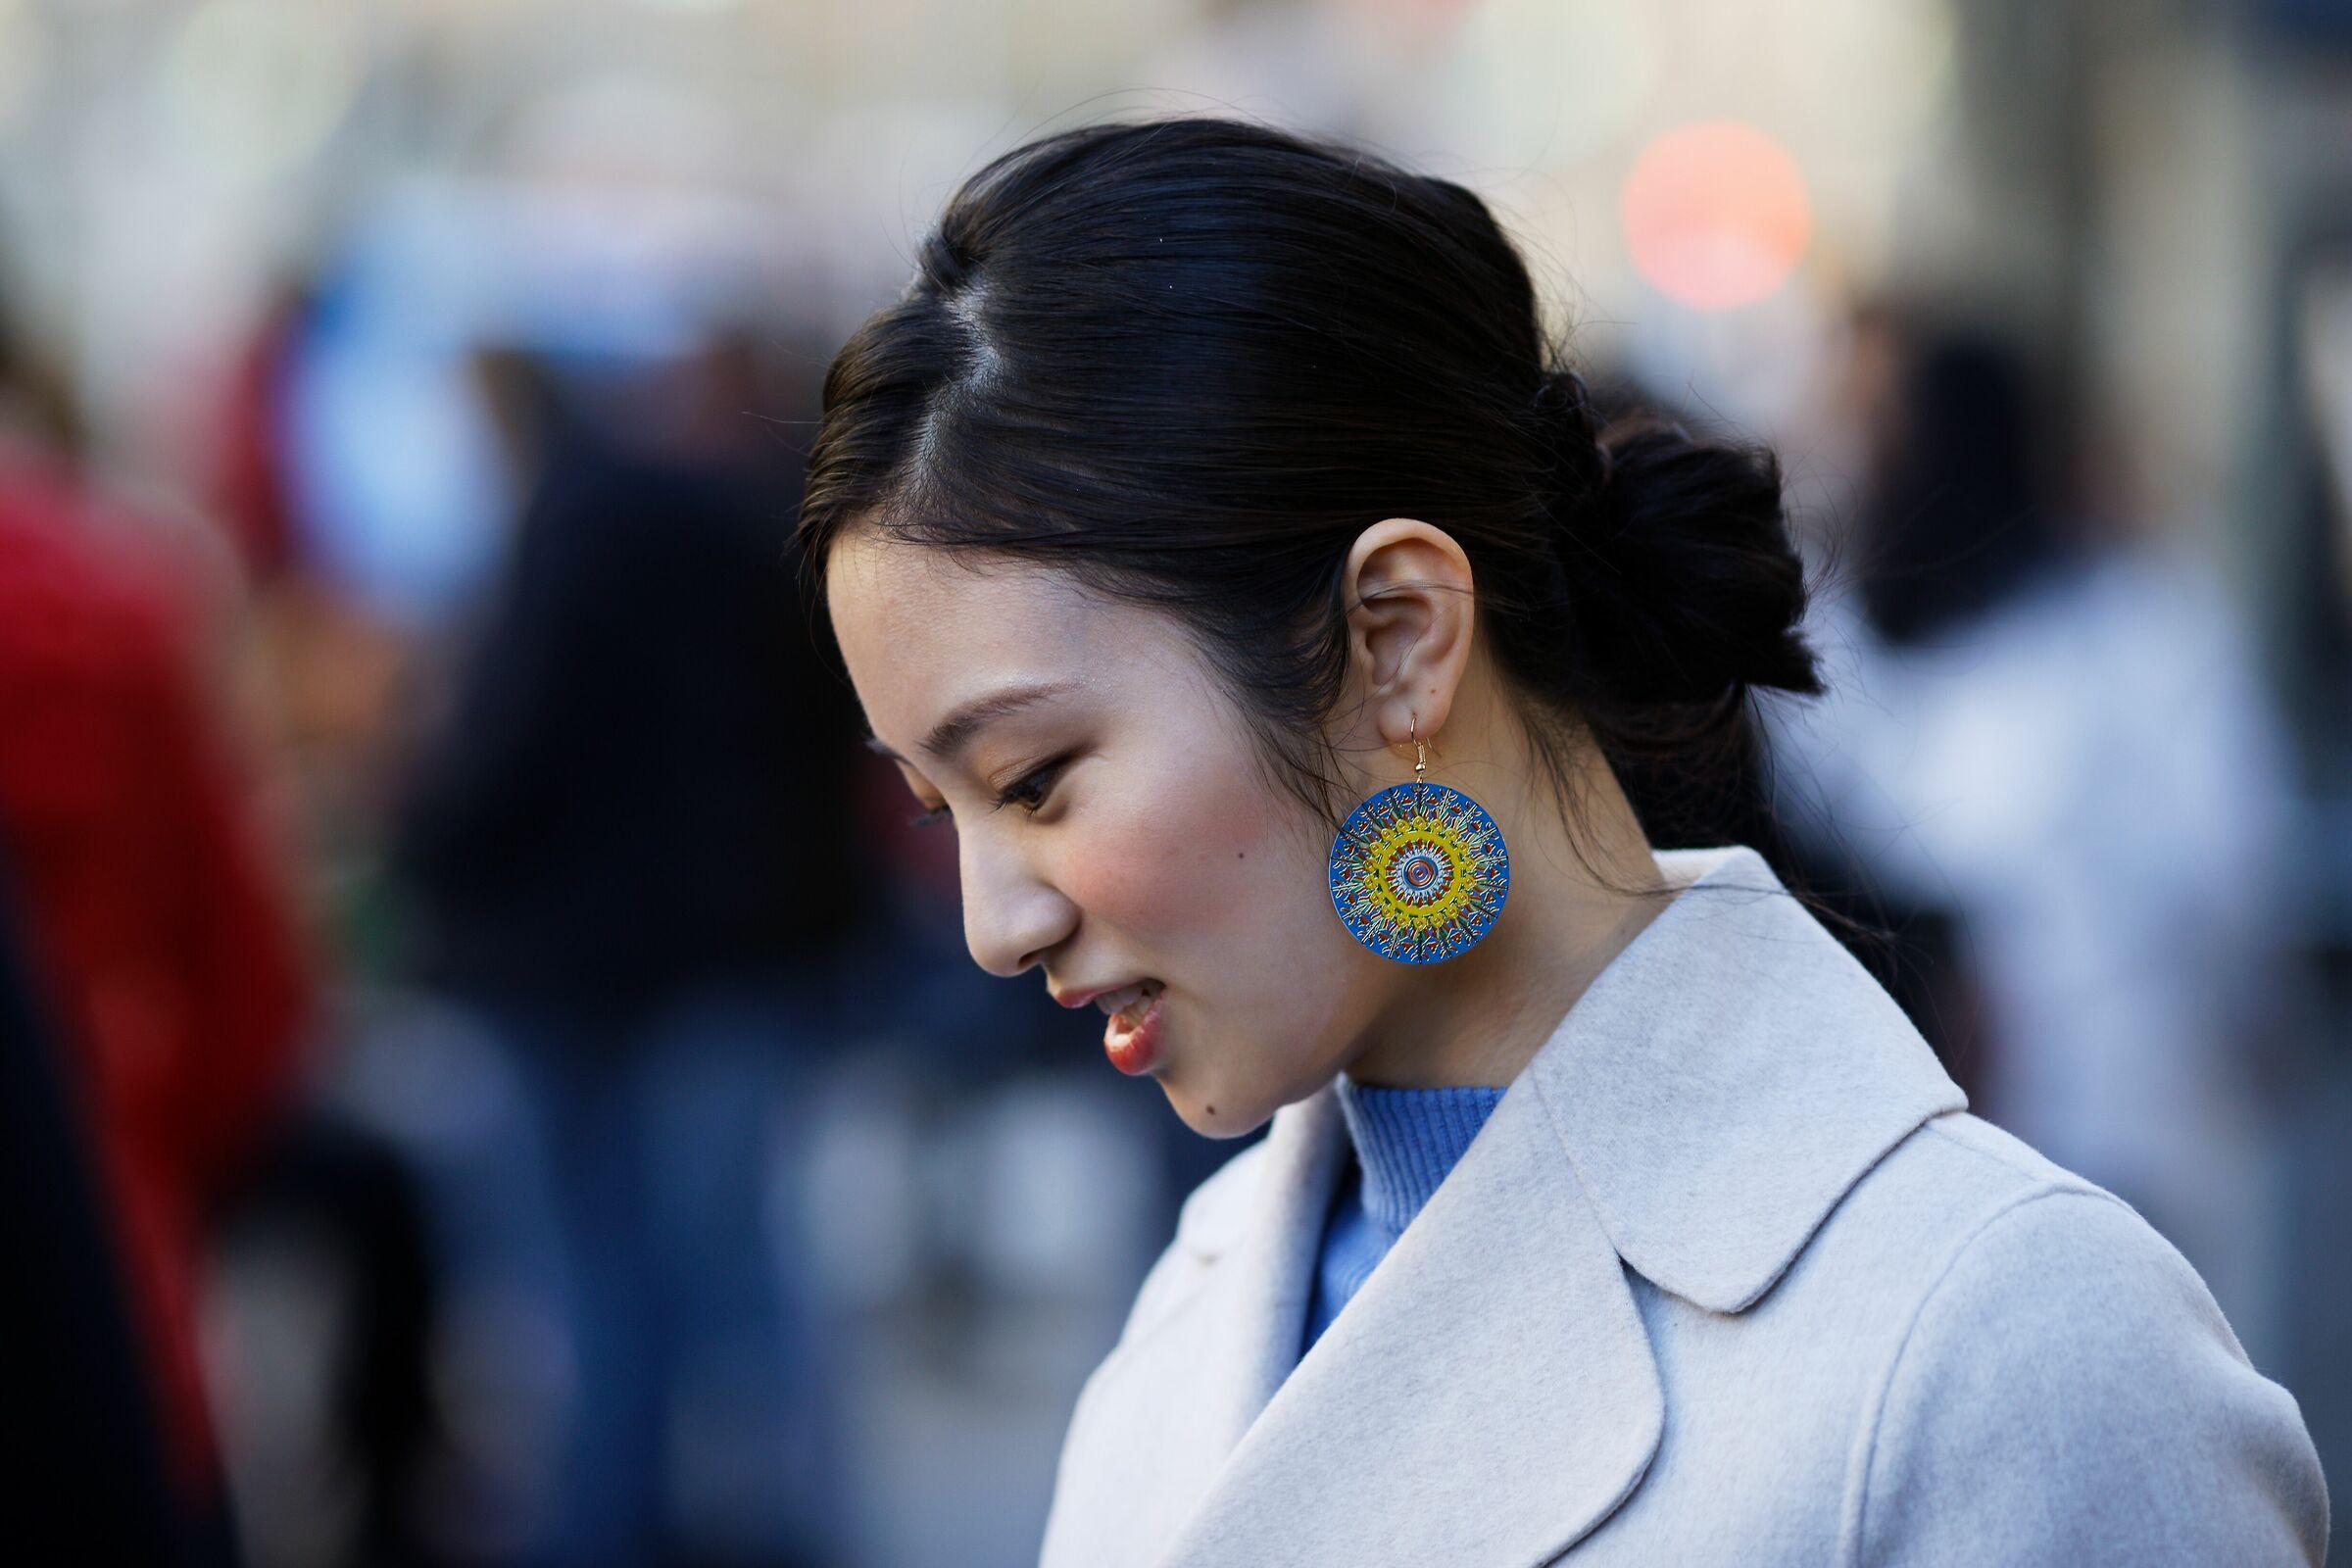 La ragazza con l'orecchino colorato...